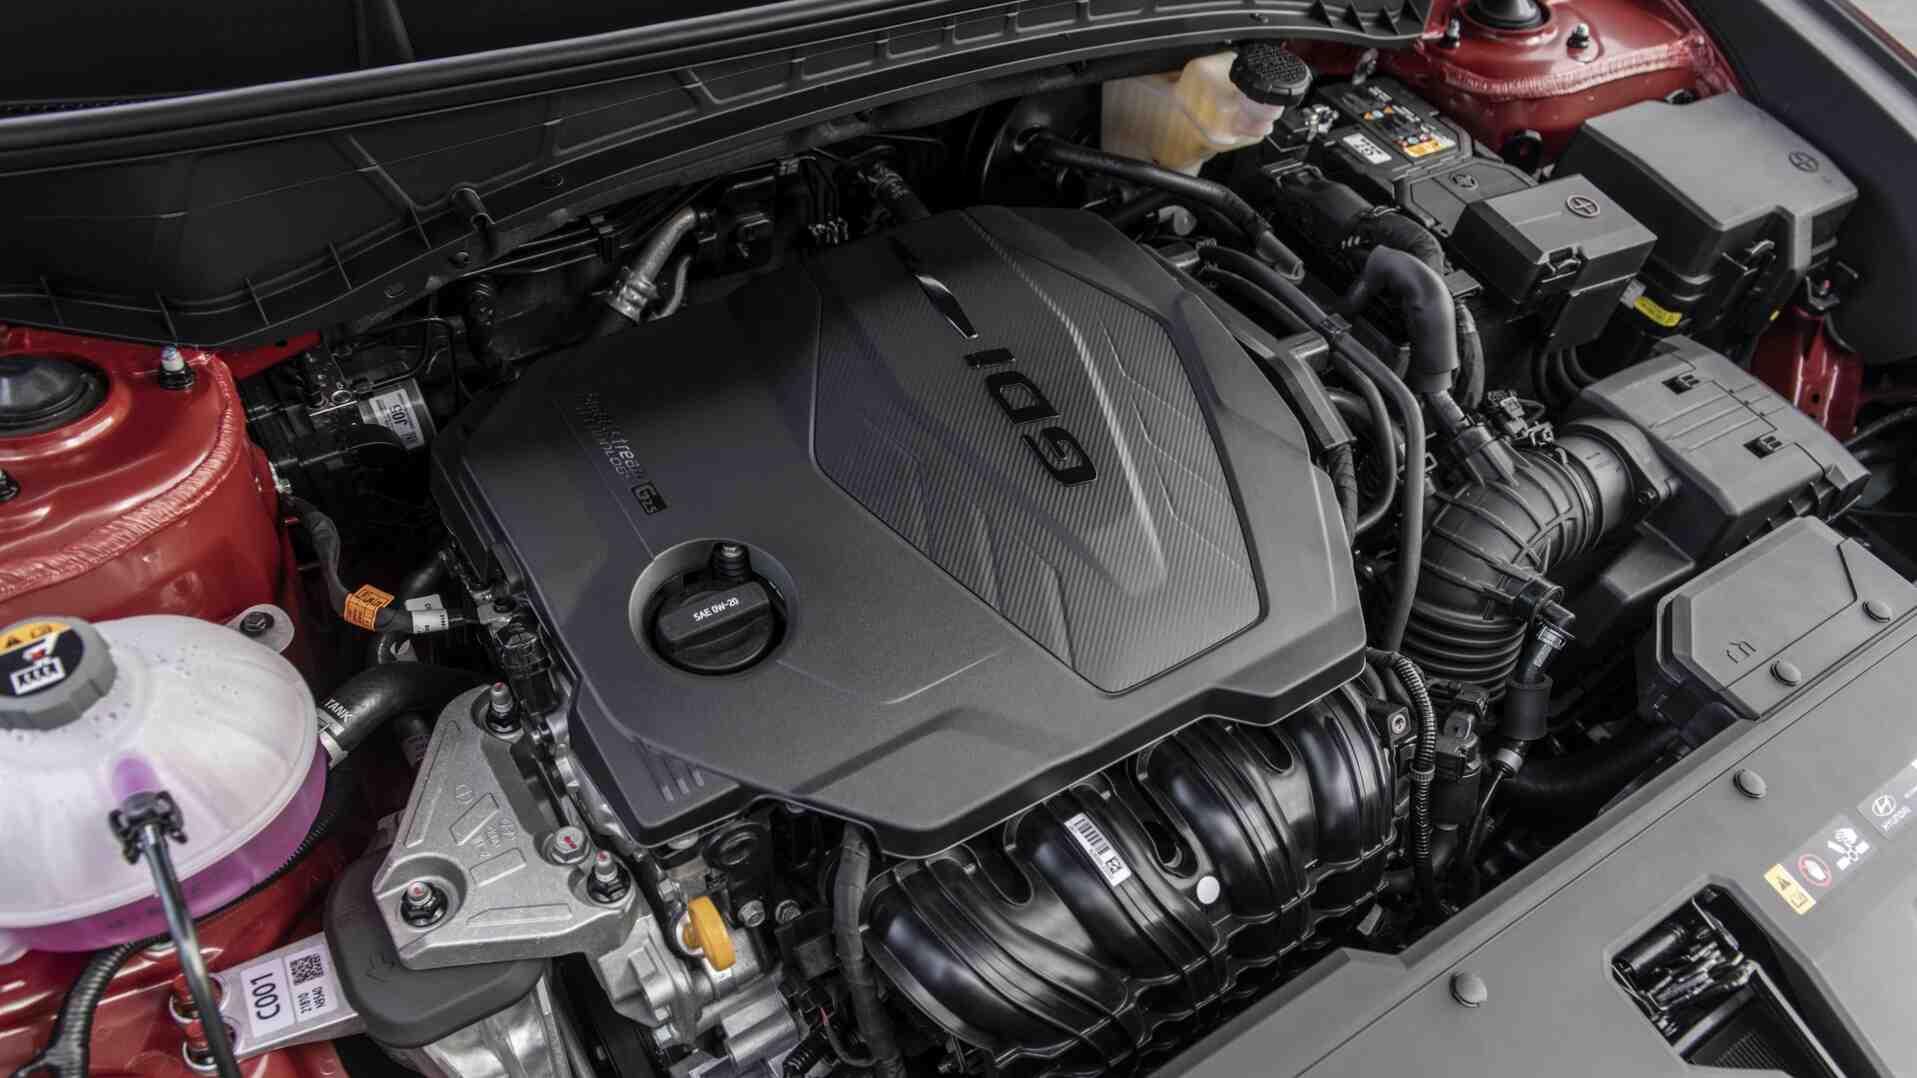 Quel moteur choisissez-vous plutôt que Tucson?